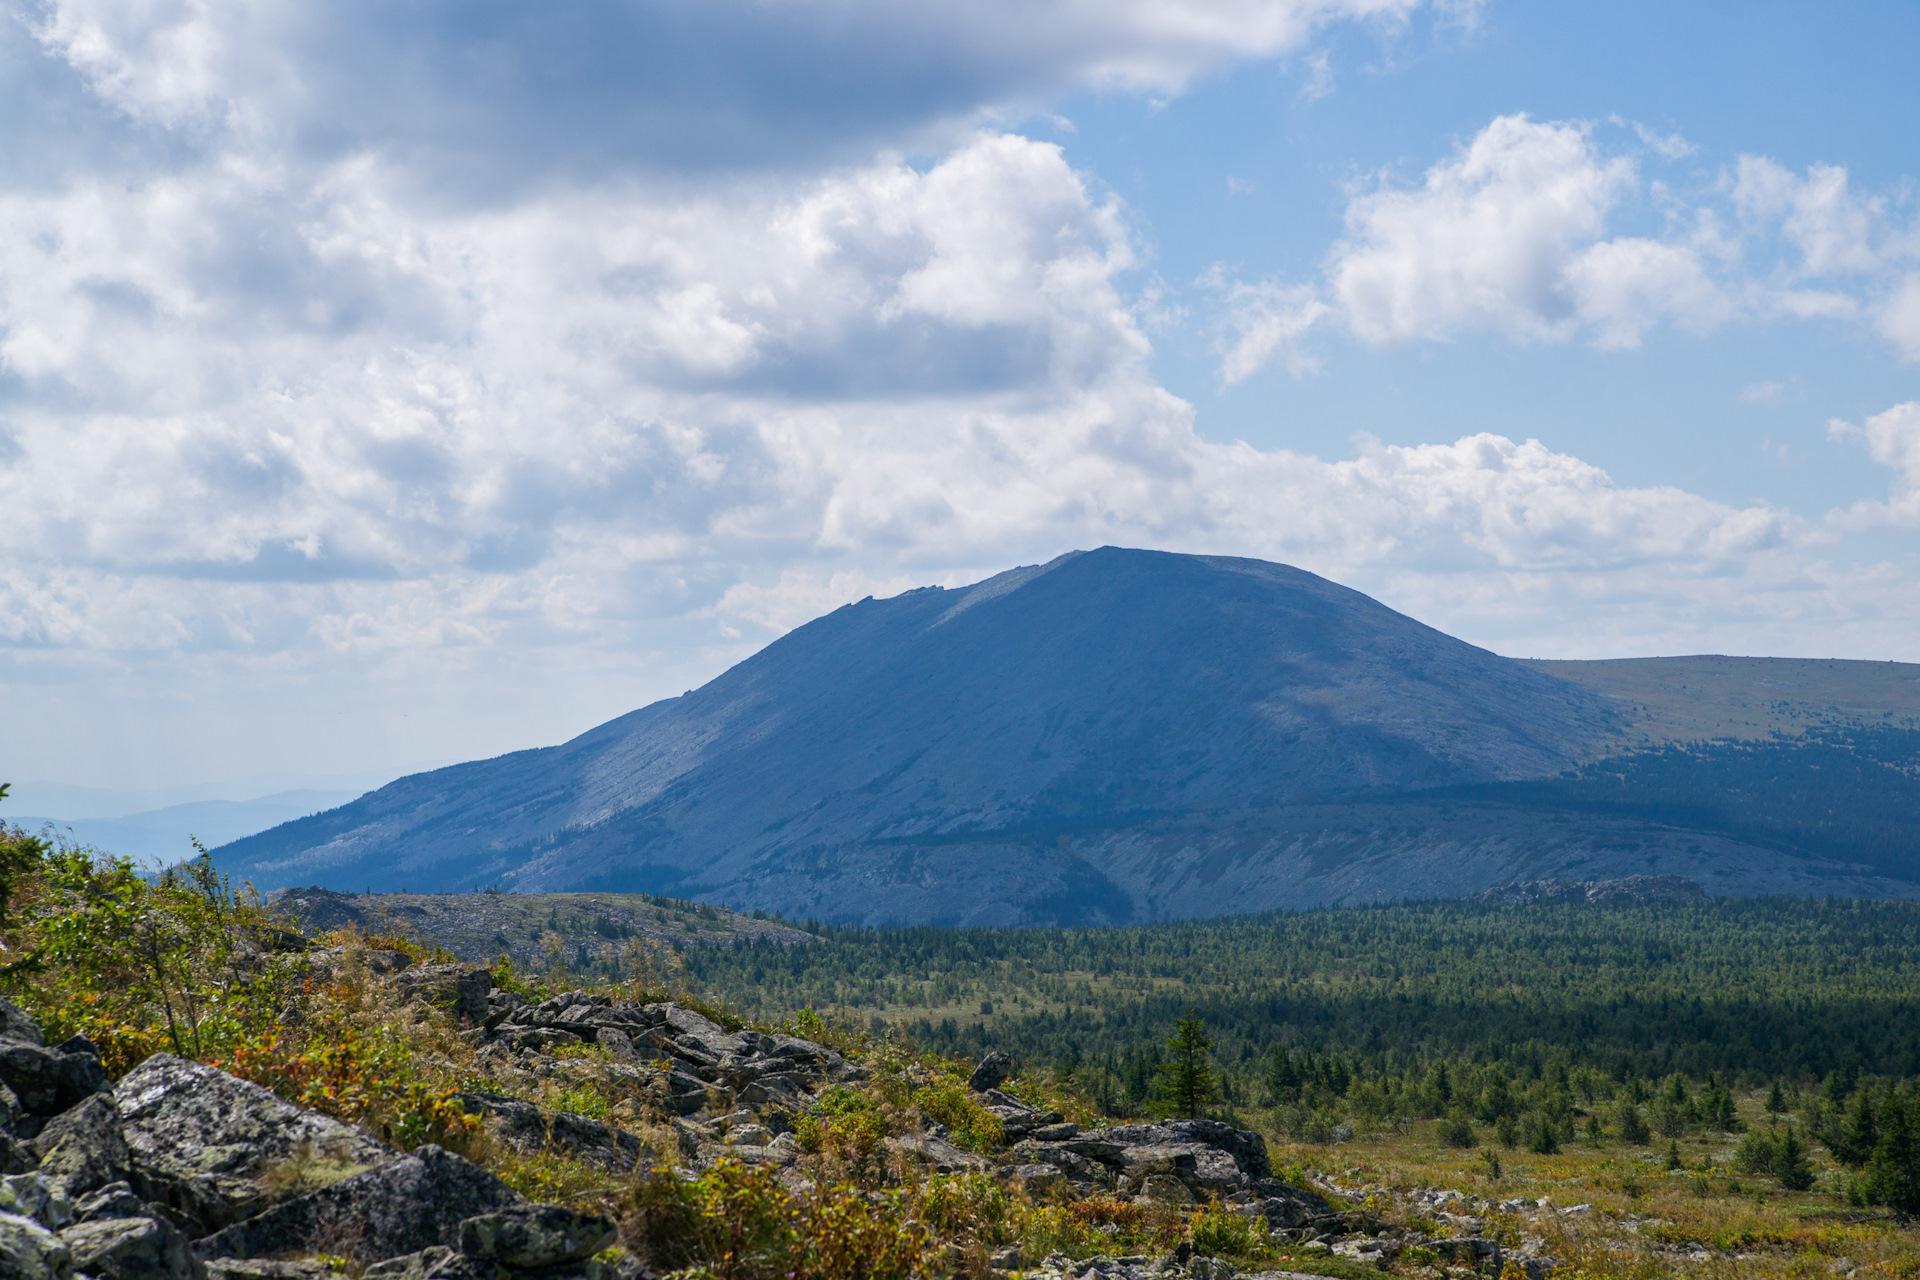 гора иремель фото выглядит